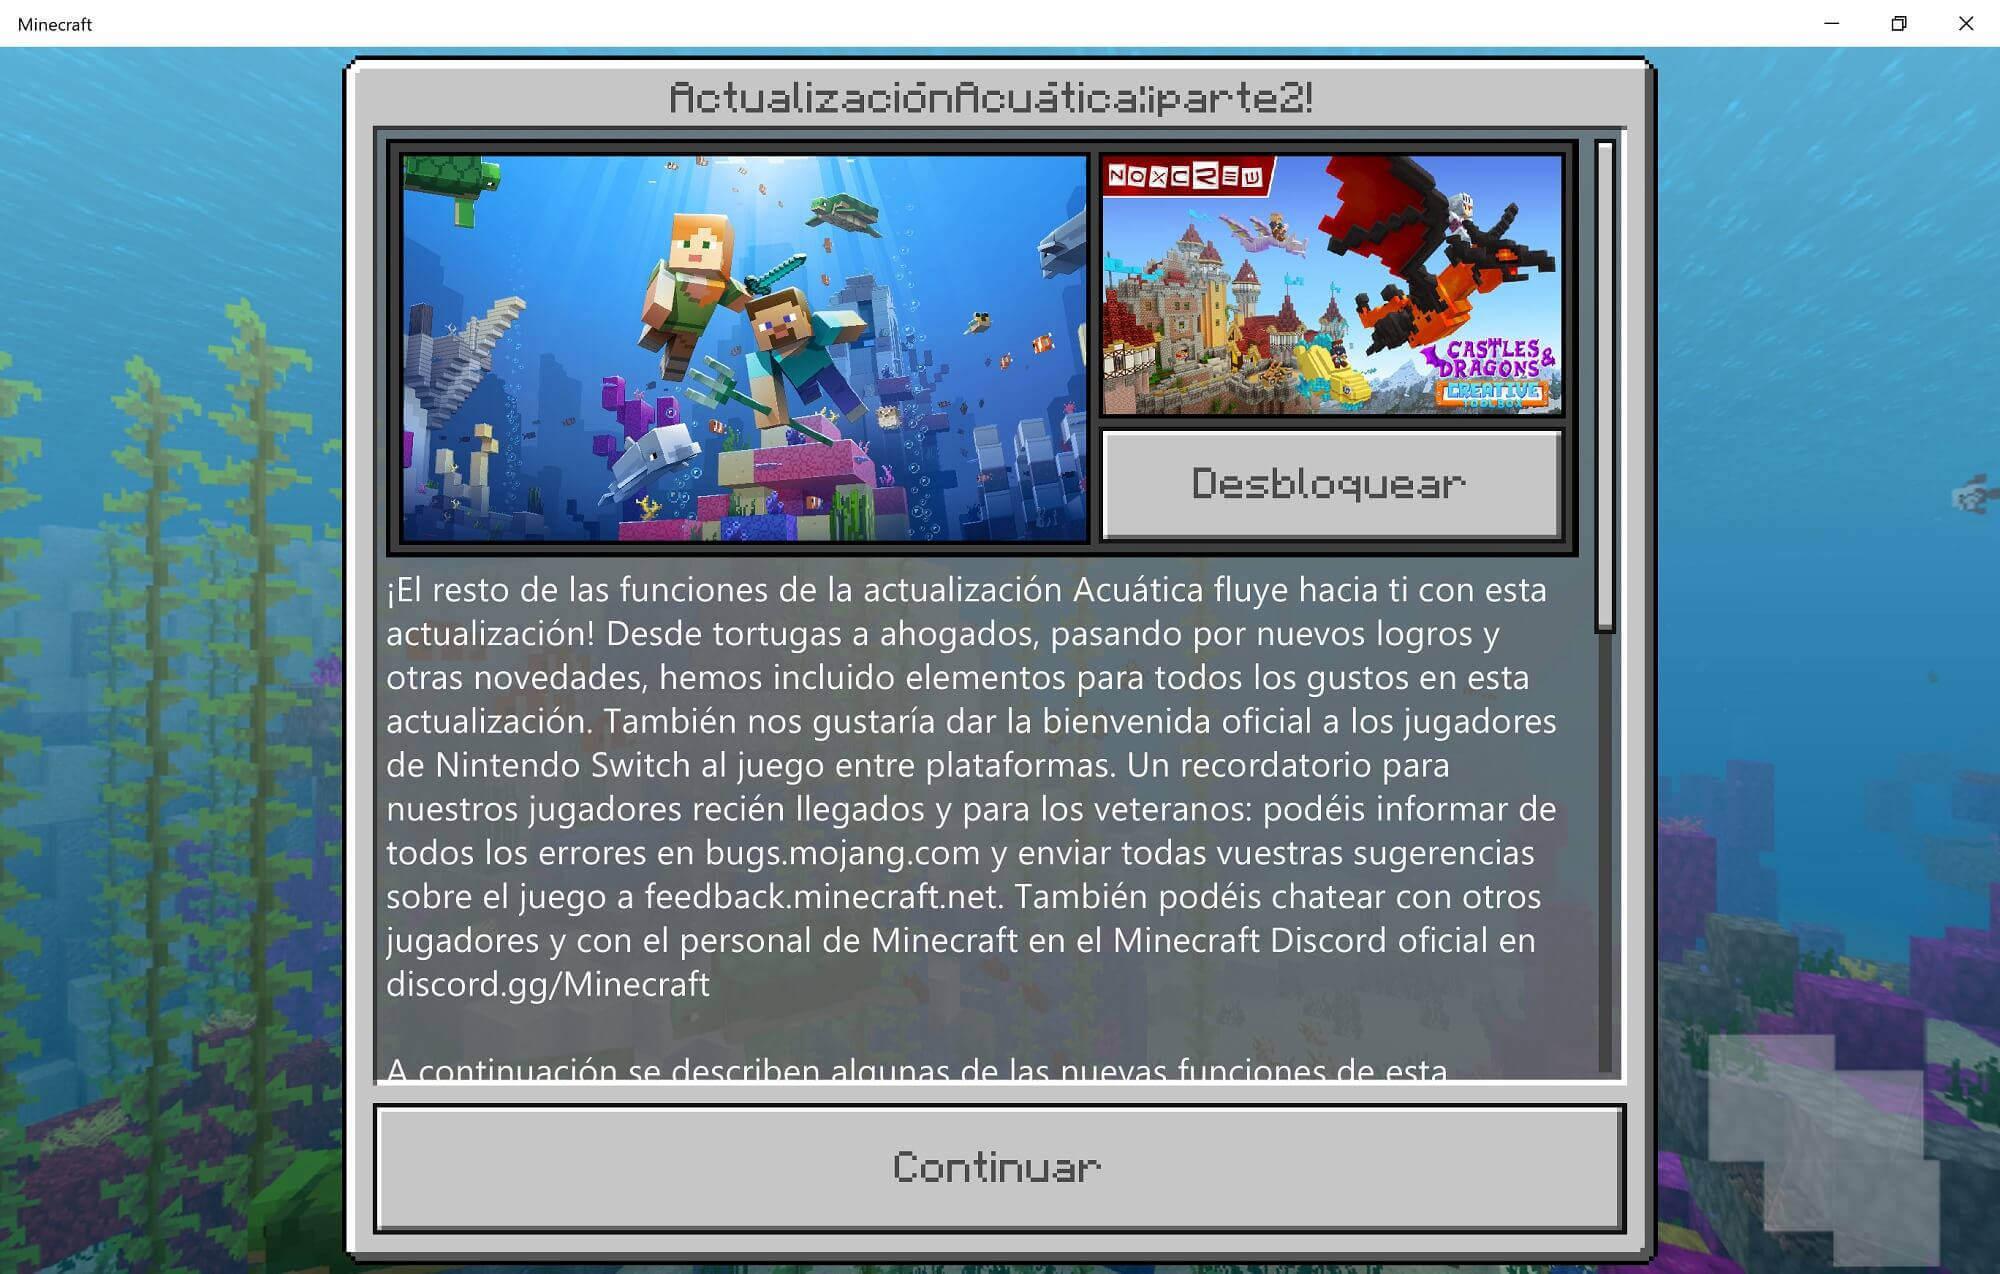 actualización acuática de Minecraft